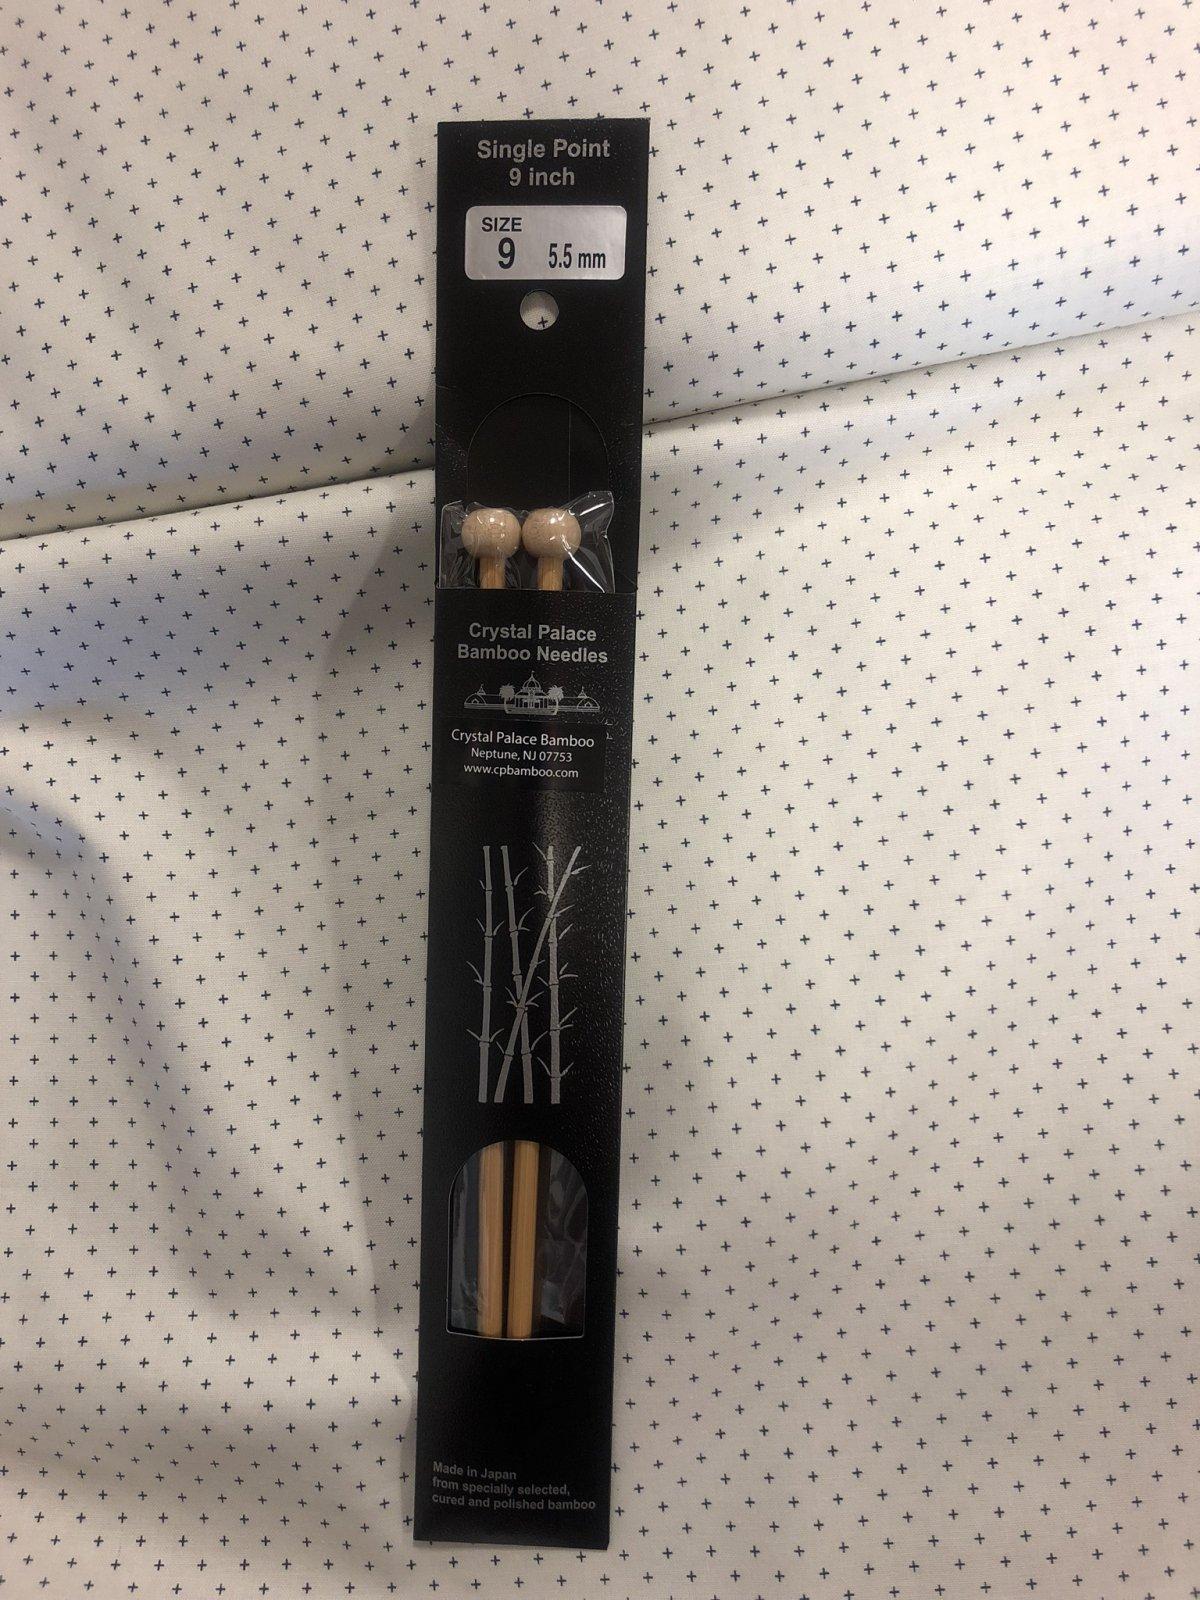 Crystal Palace Bamboo Knitting Needle Size 9